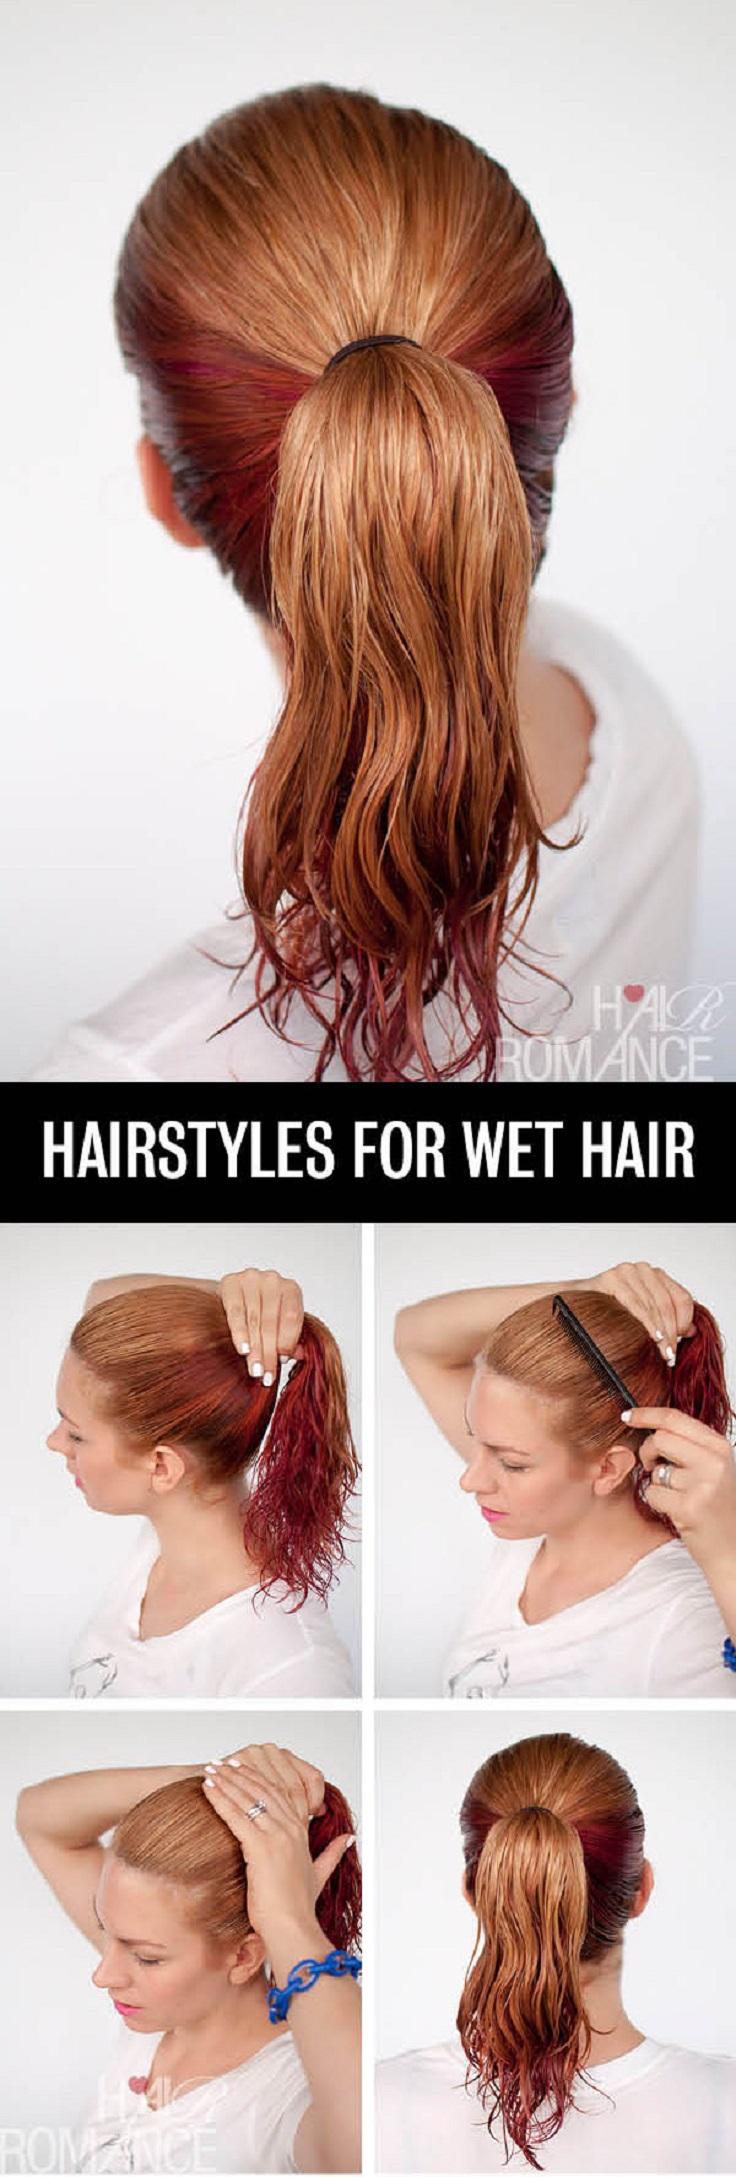 high-ponytail-wet-hair